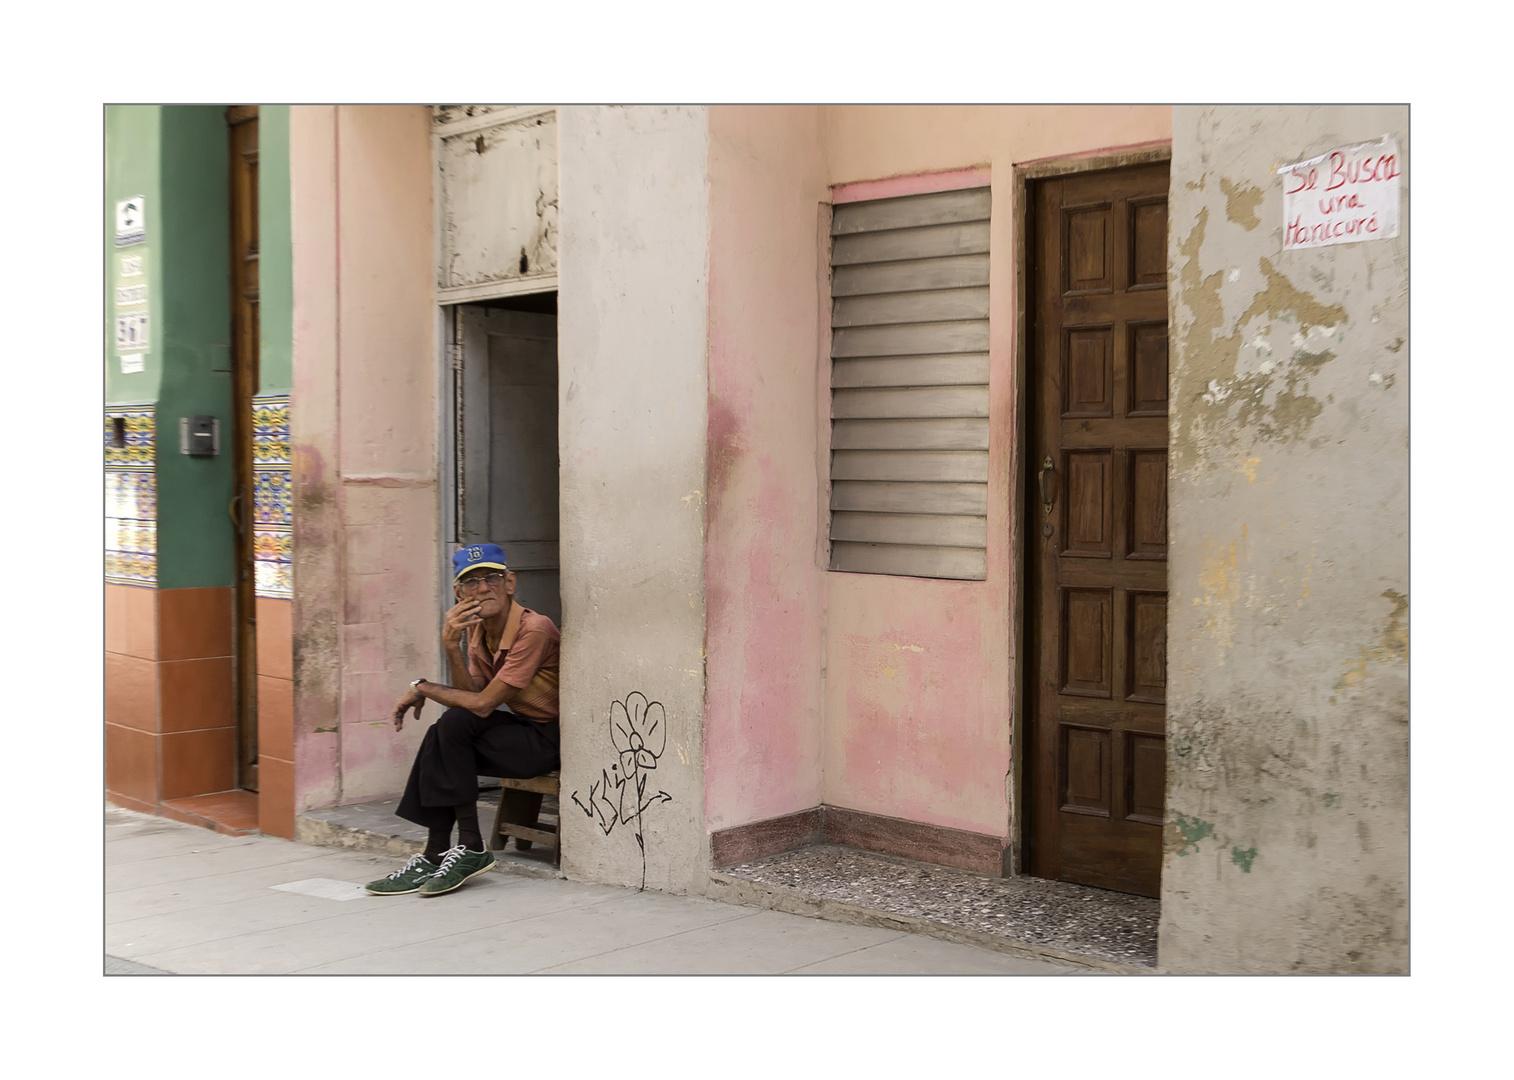 Se Busca Una Manicure Foto Bild North America Central America